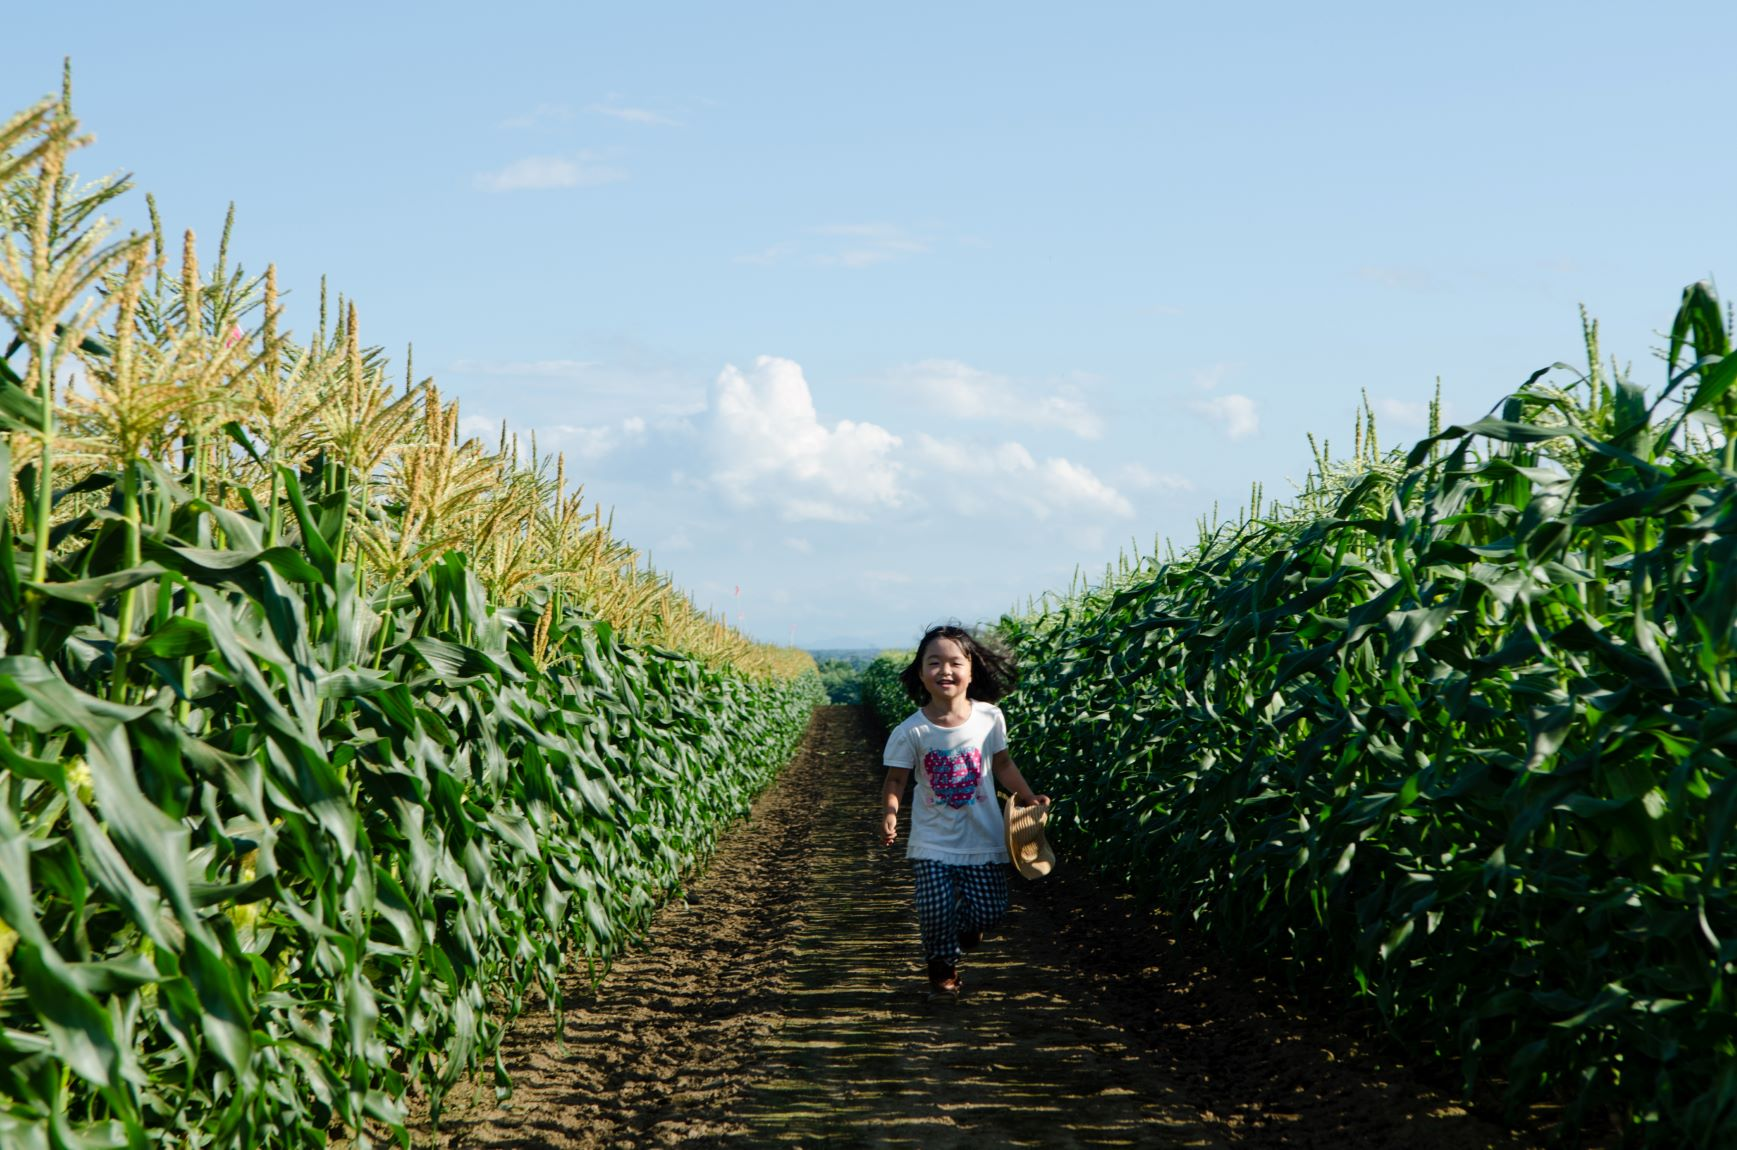 「泊まって遊ぼうおびひろ割」で農場ピクニックをお得に体験!